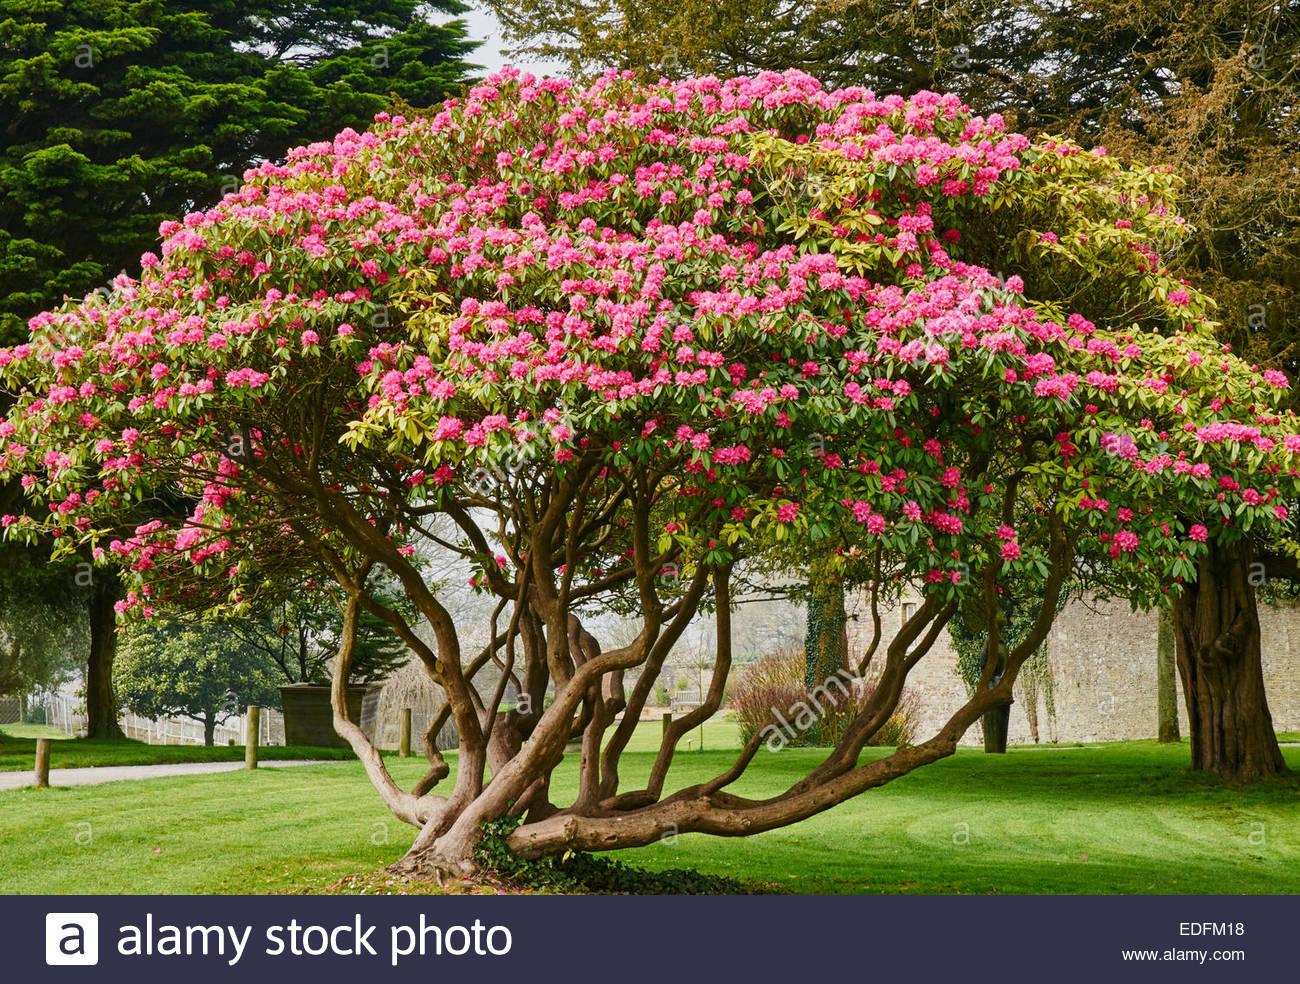 Flores De Color Rojo Brillante De Un Arbusto De Hoja Perenne De Rododendros En British Uk Woodlands Fotografía De Stock Alamy